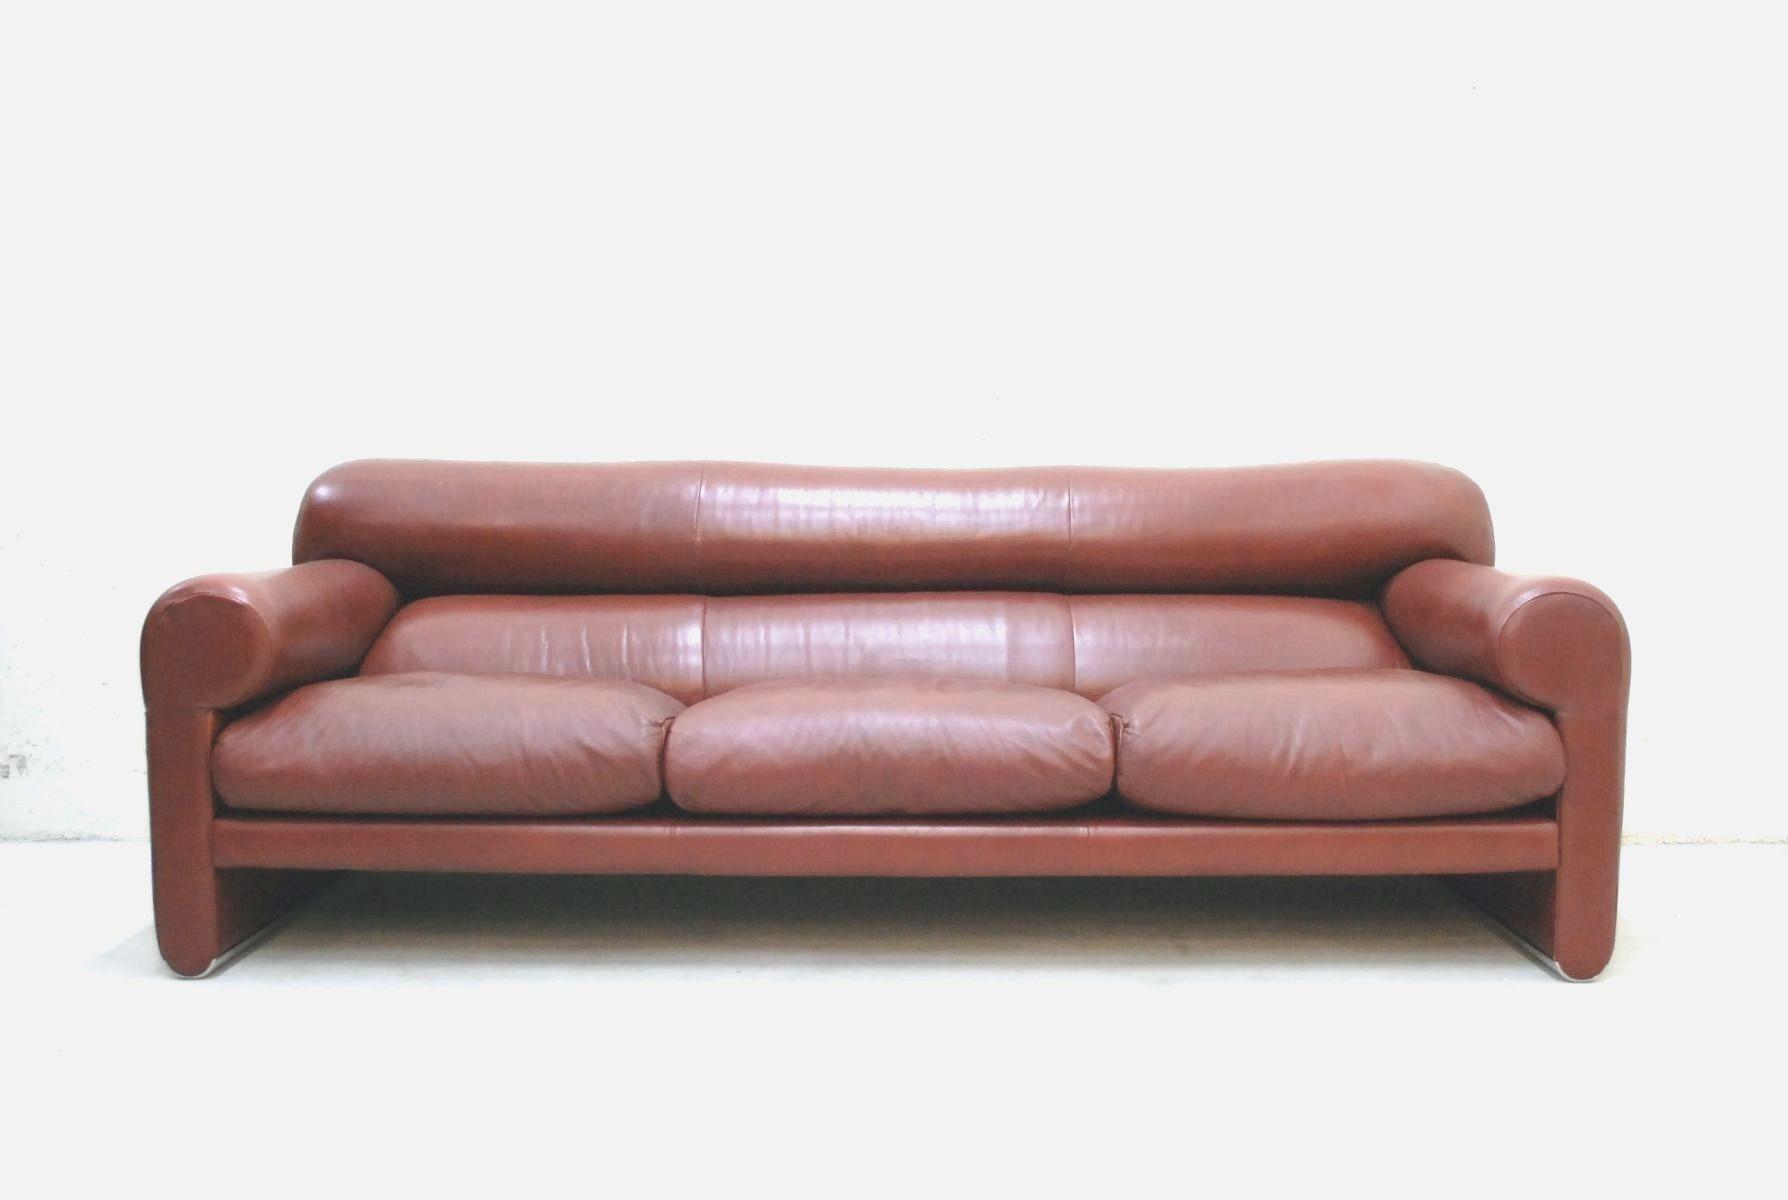 Italian Leather Sofa Lyrics Cake Meaning Images